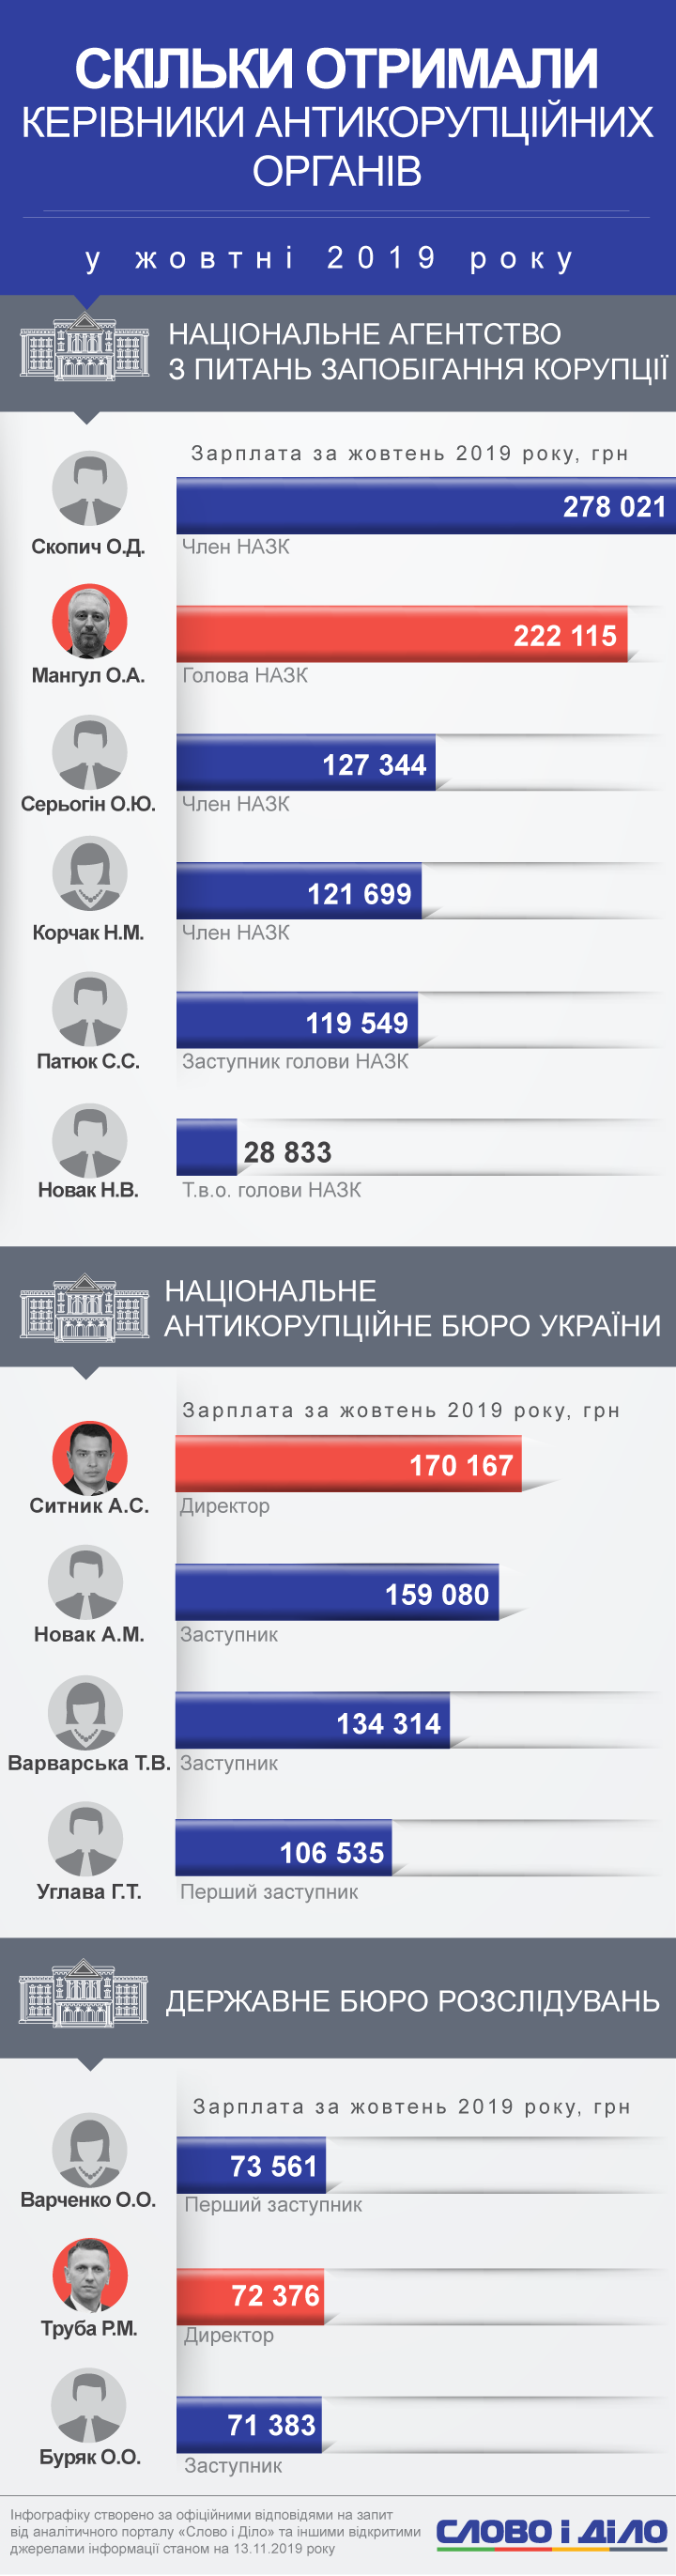 Найбільш високооплачуваним антикорупціонером жовтня став член НАЗК Олександр Скопич – 278 тисяч гривень.